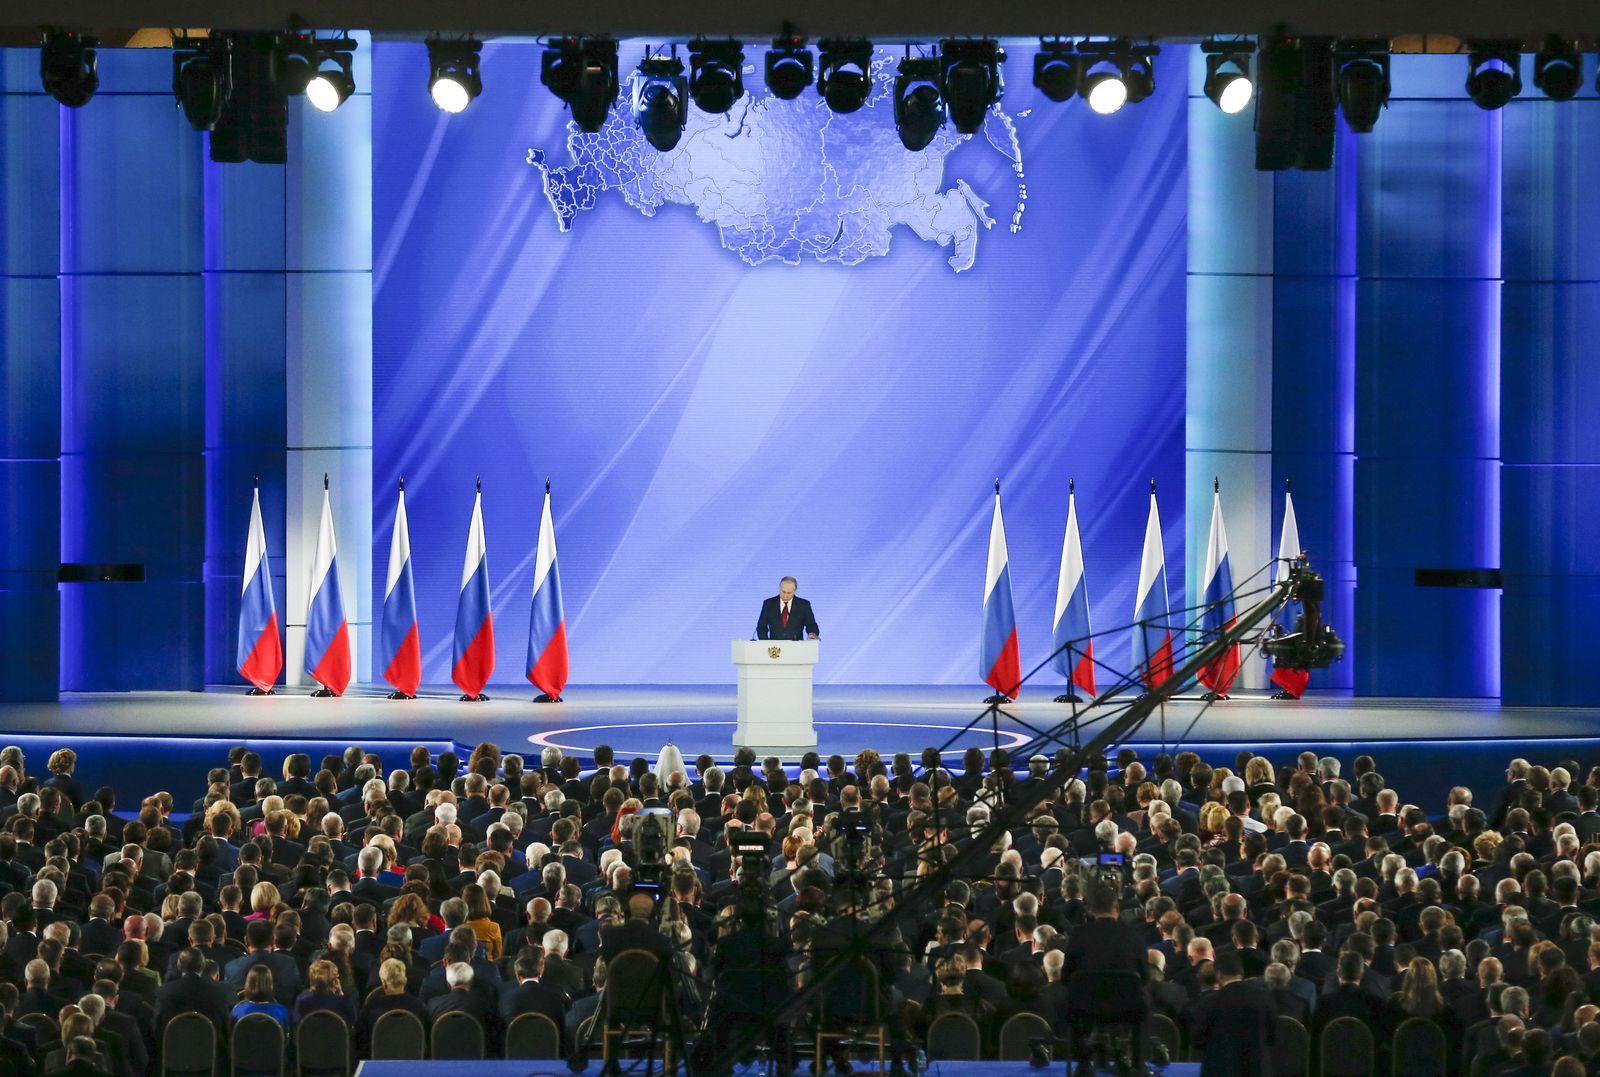 Rede zur Lage der Nation in Russland